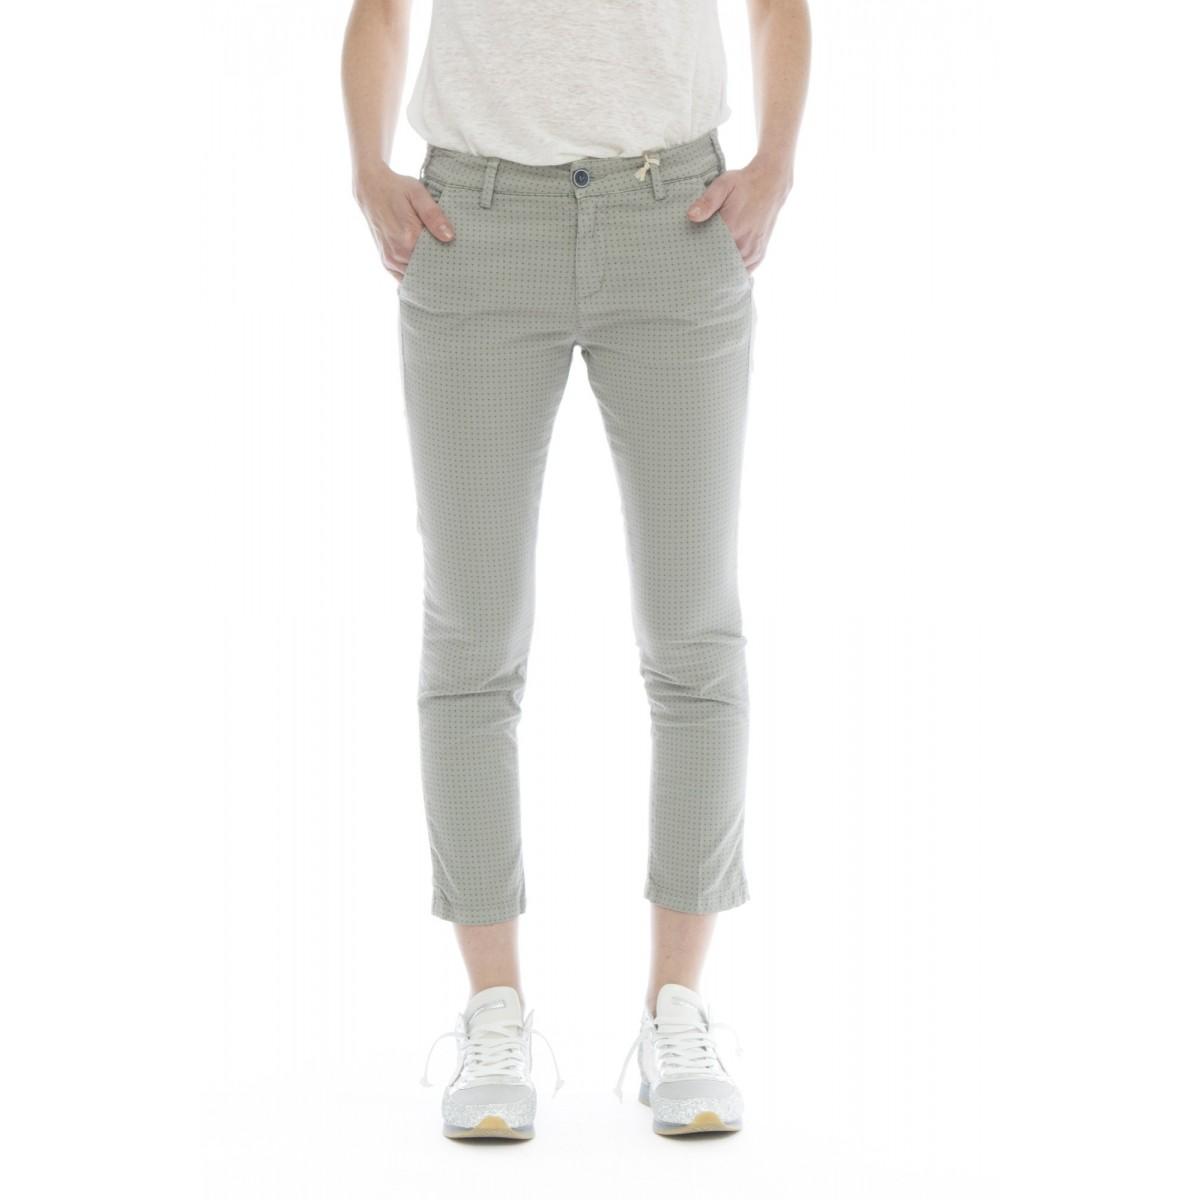 Pantalone donna - Melitas 1189 micro operato